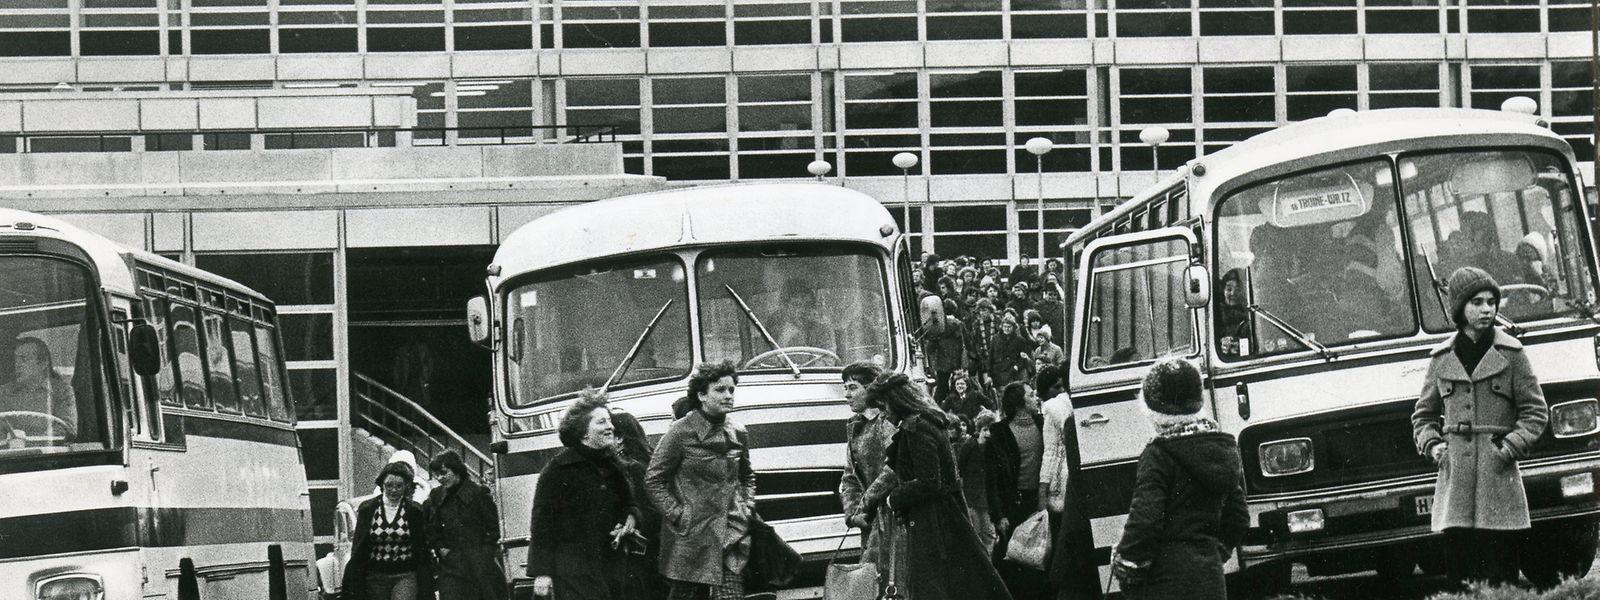 Am 3. Januar 1977 strömen die Jugendlichen am Ende des Schultags zu den bereitstehenden Bussen.